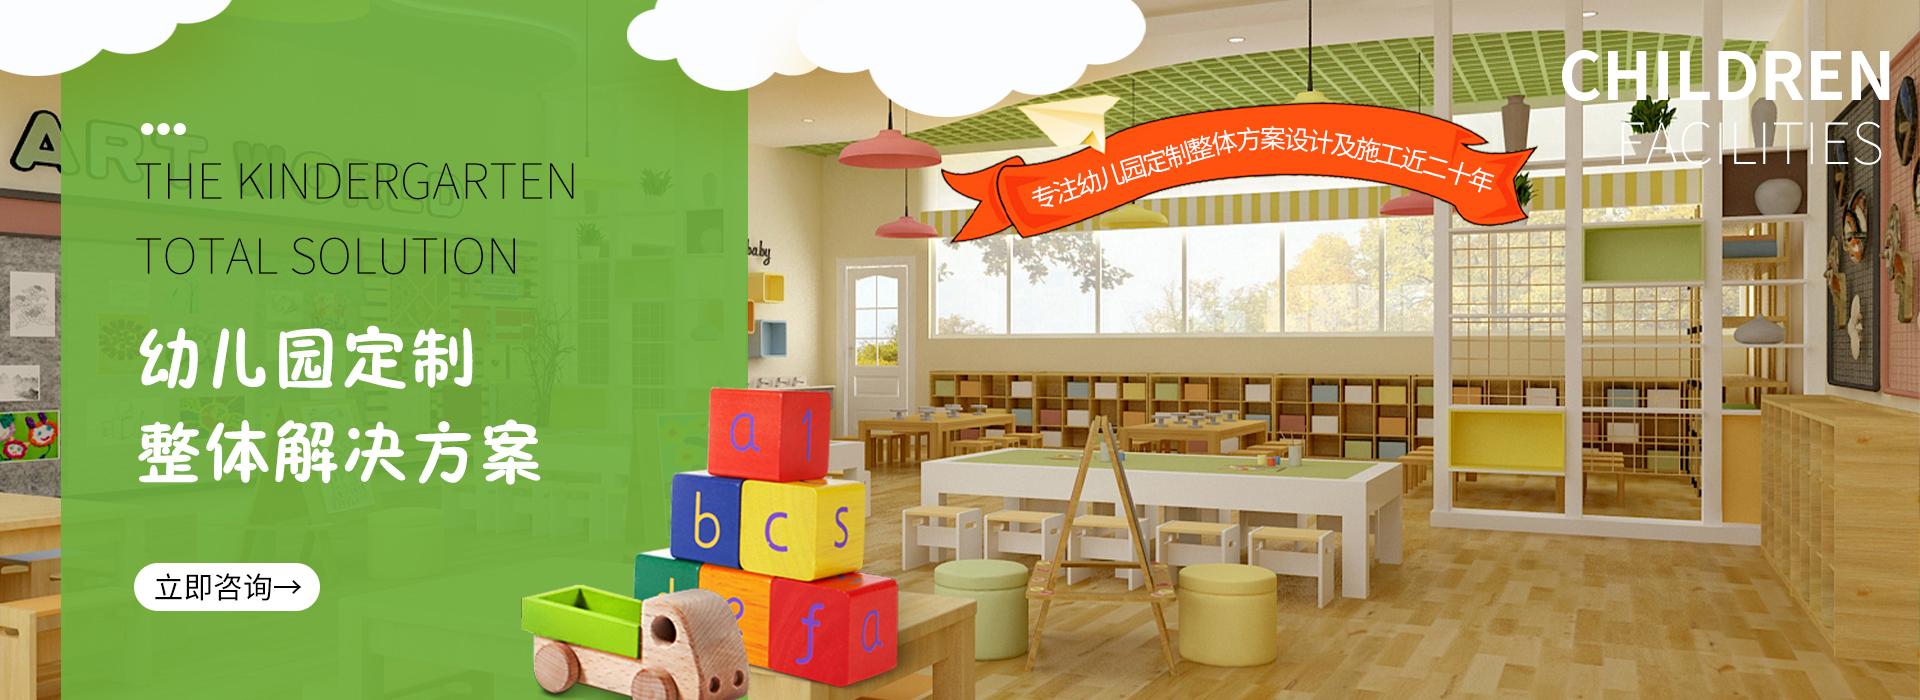 大型游乐设施系列,跑道地面工程系列,淘气堡系列,幼儿园艺术装修,游乐设施